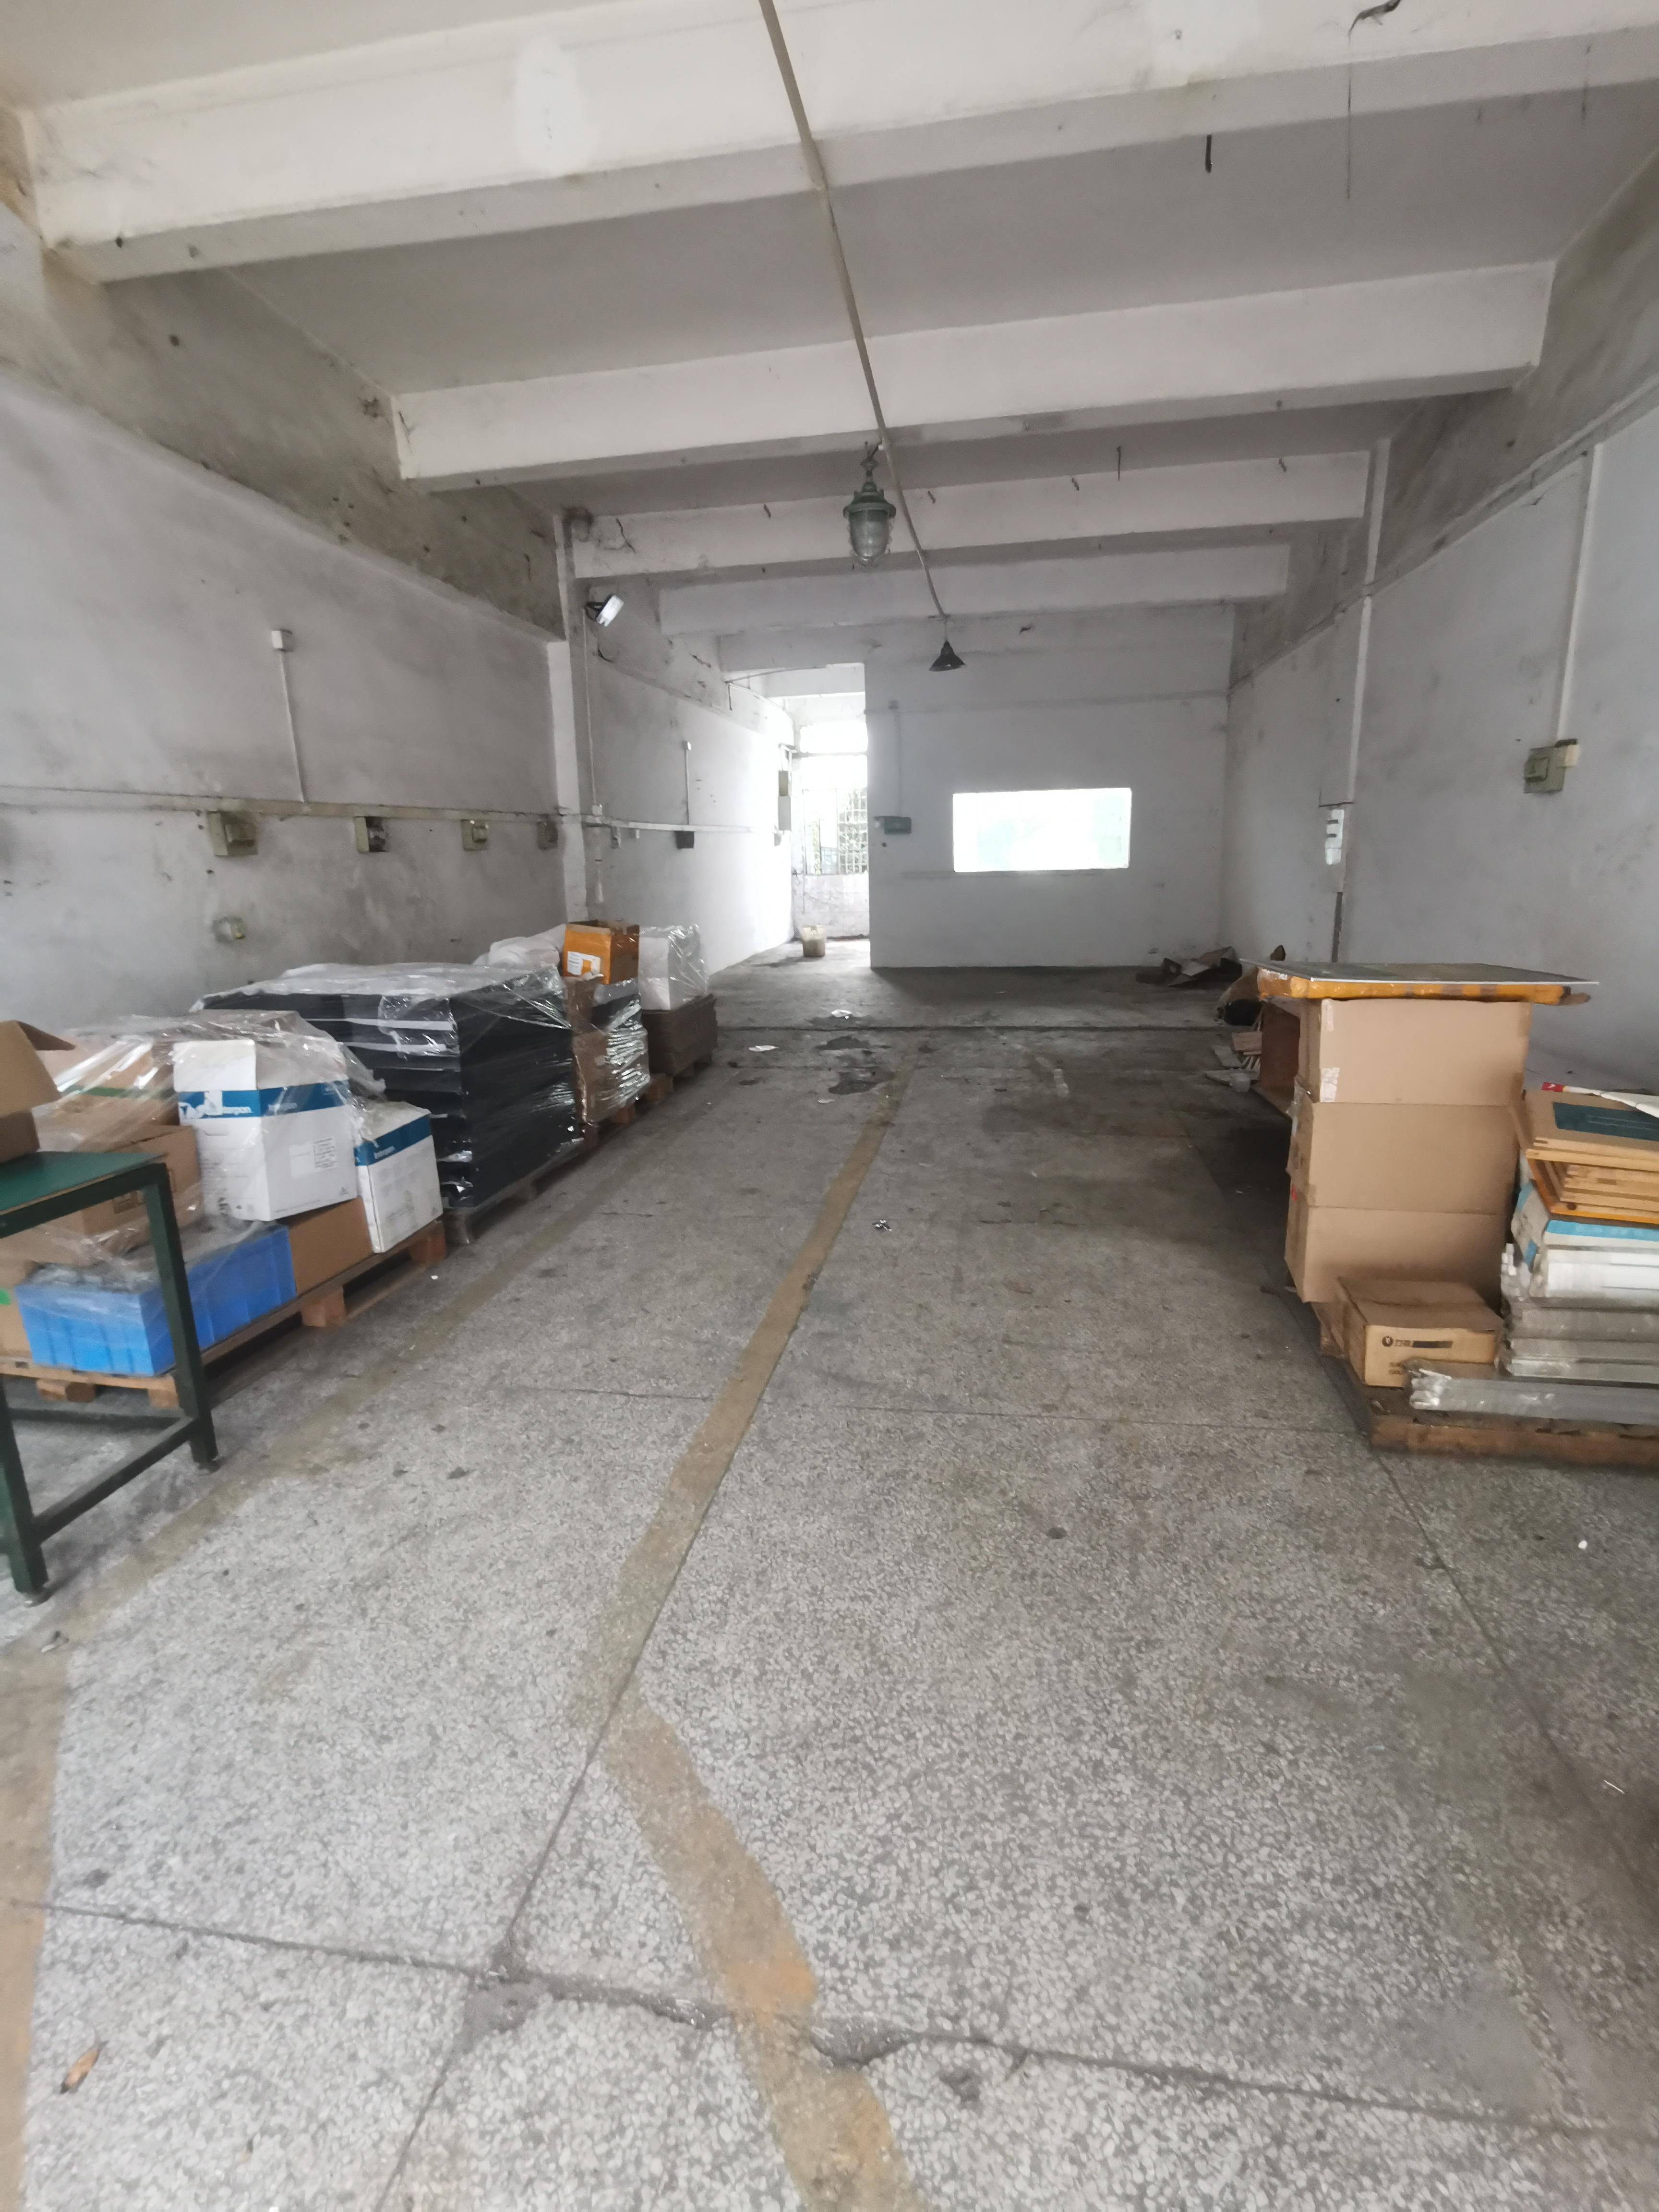 龙华元芬地铁口一楼230平厂房出租,适合仓库用电量大的生产